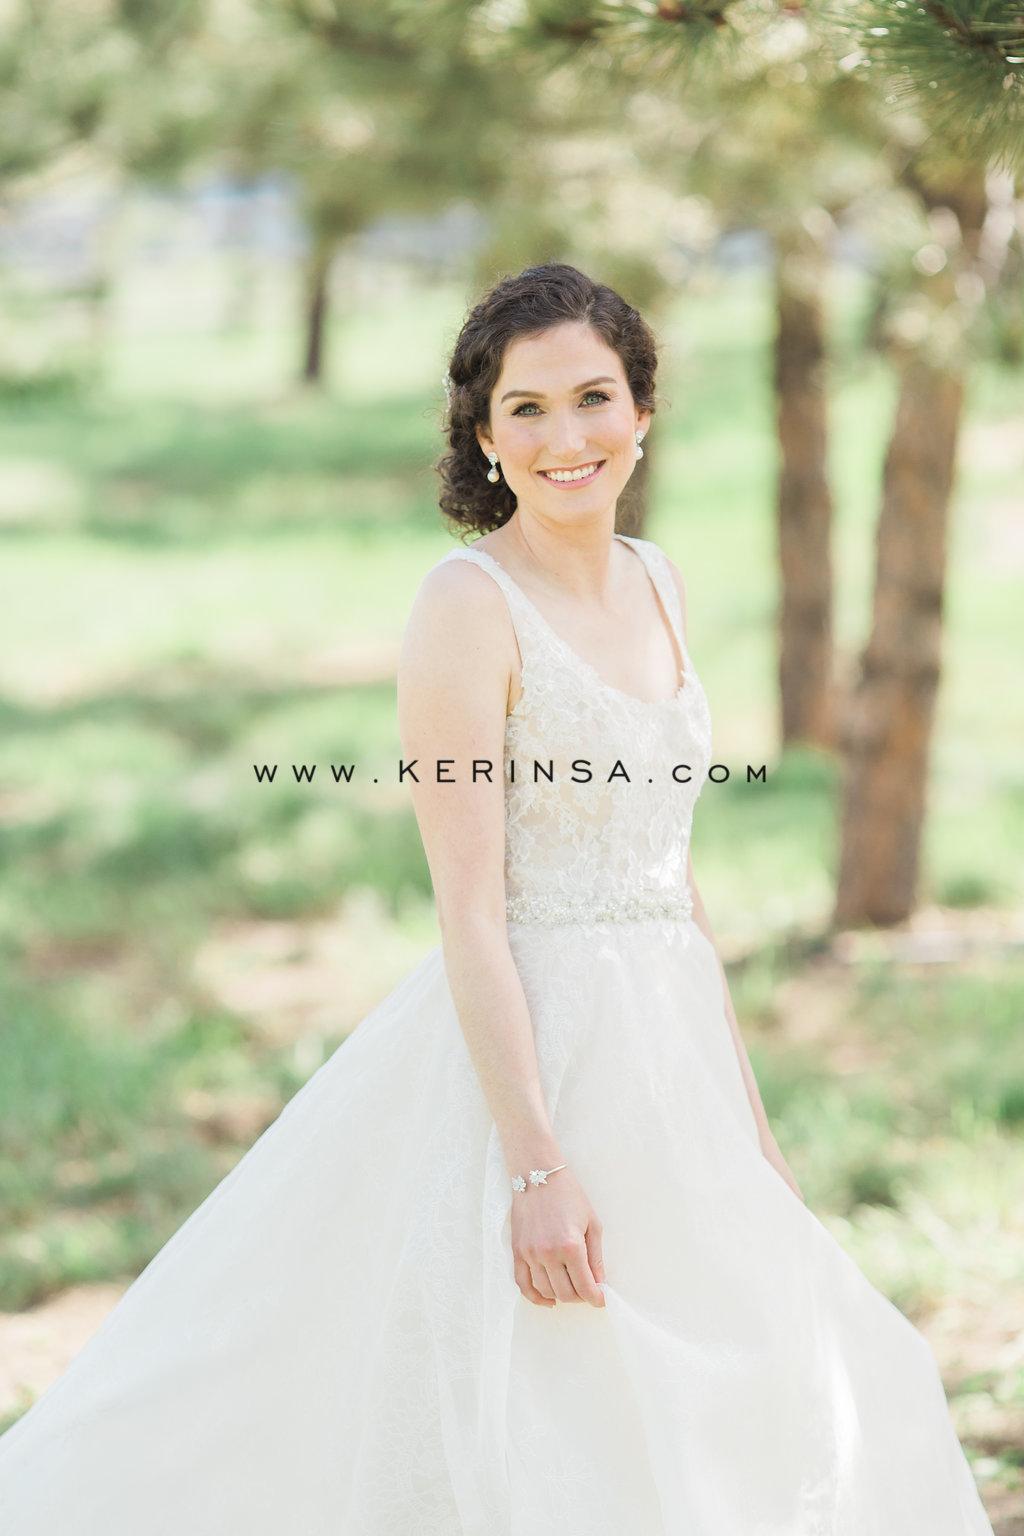 Kerinsa Marie Photography